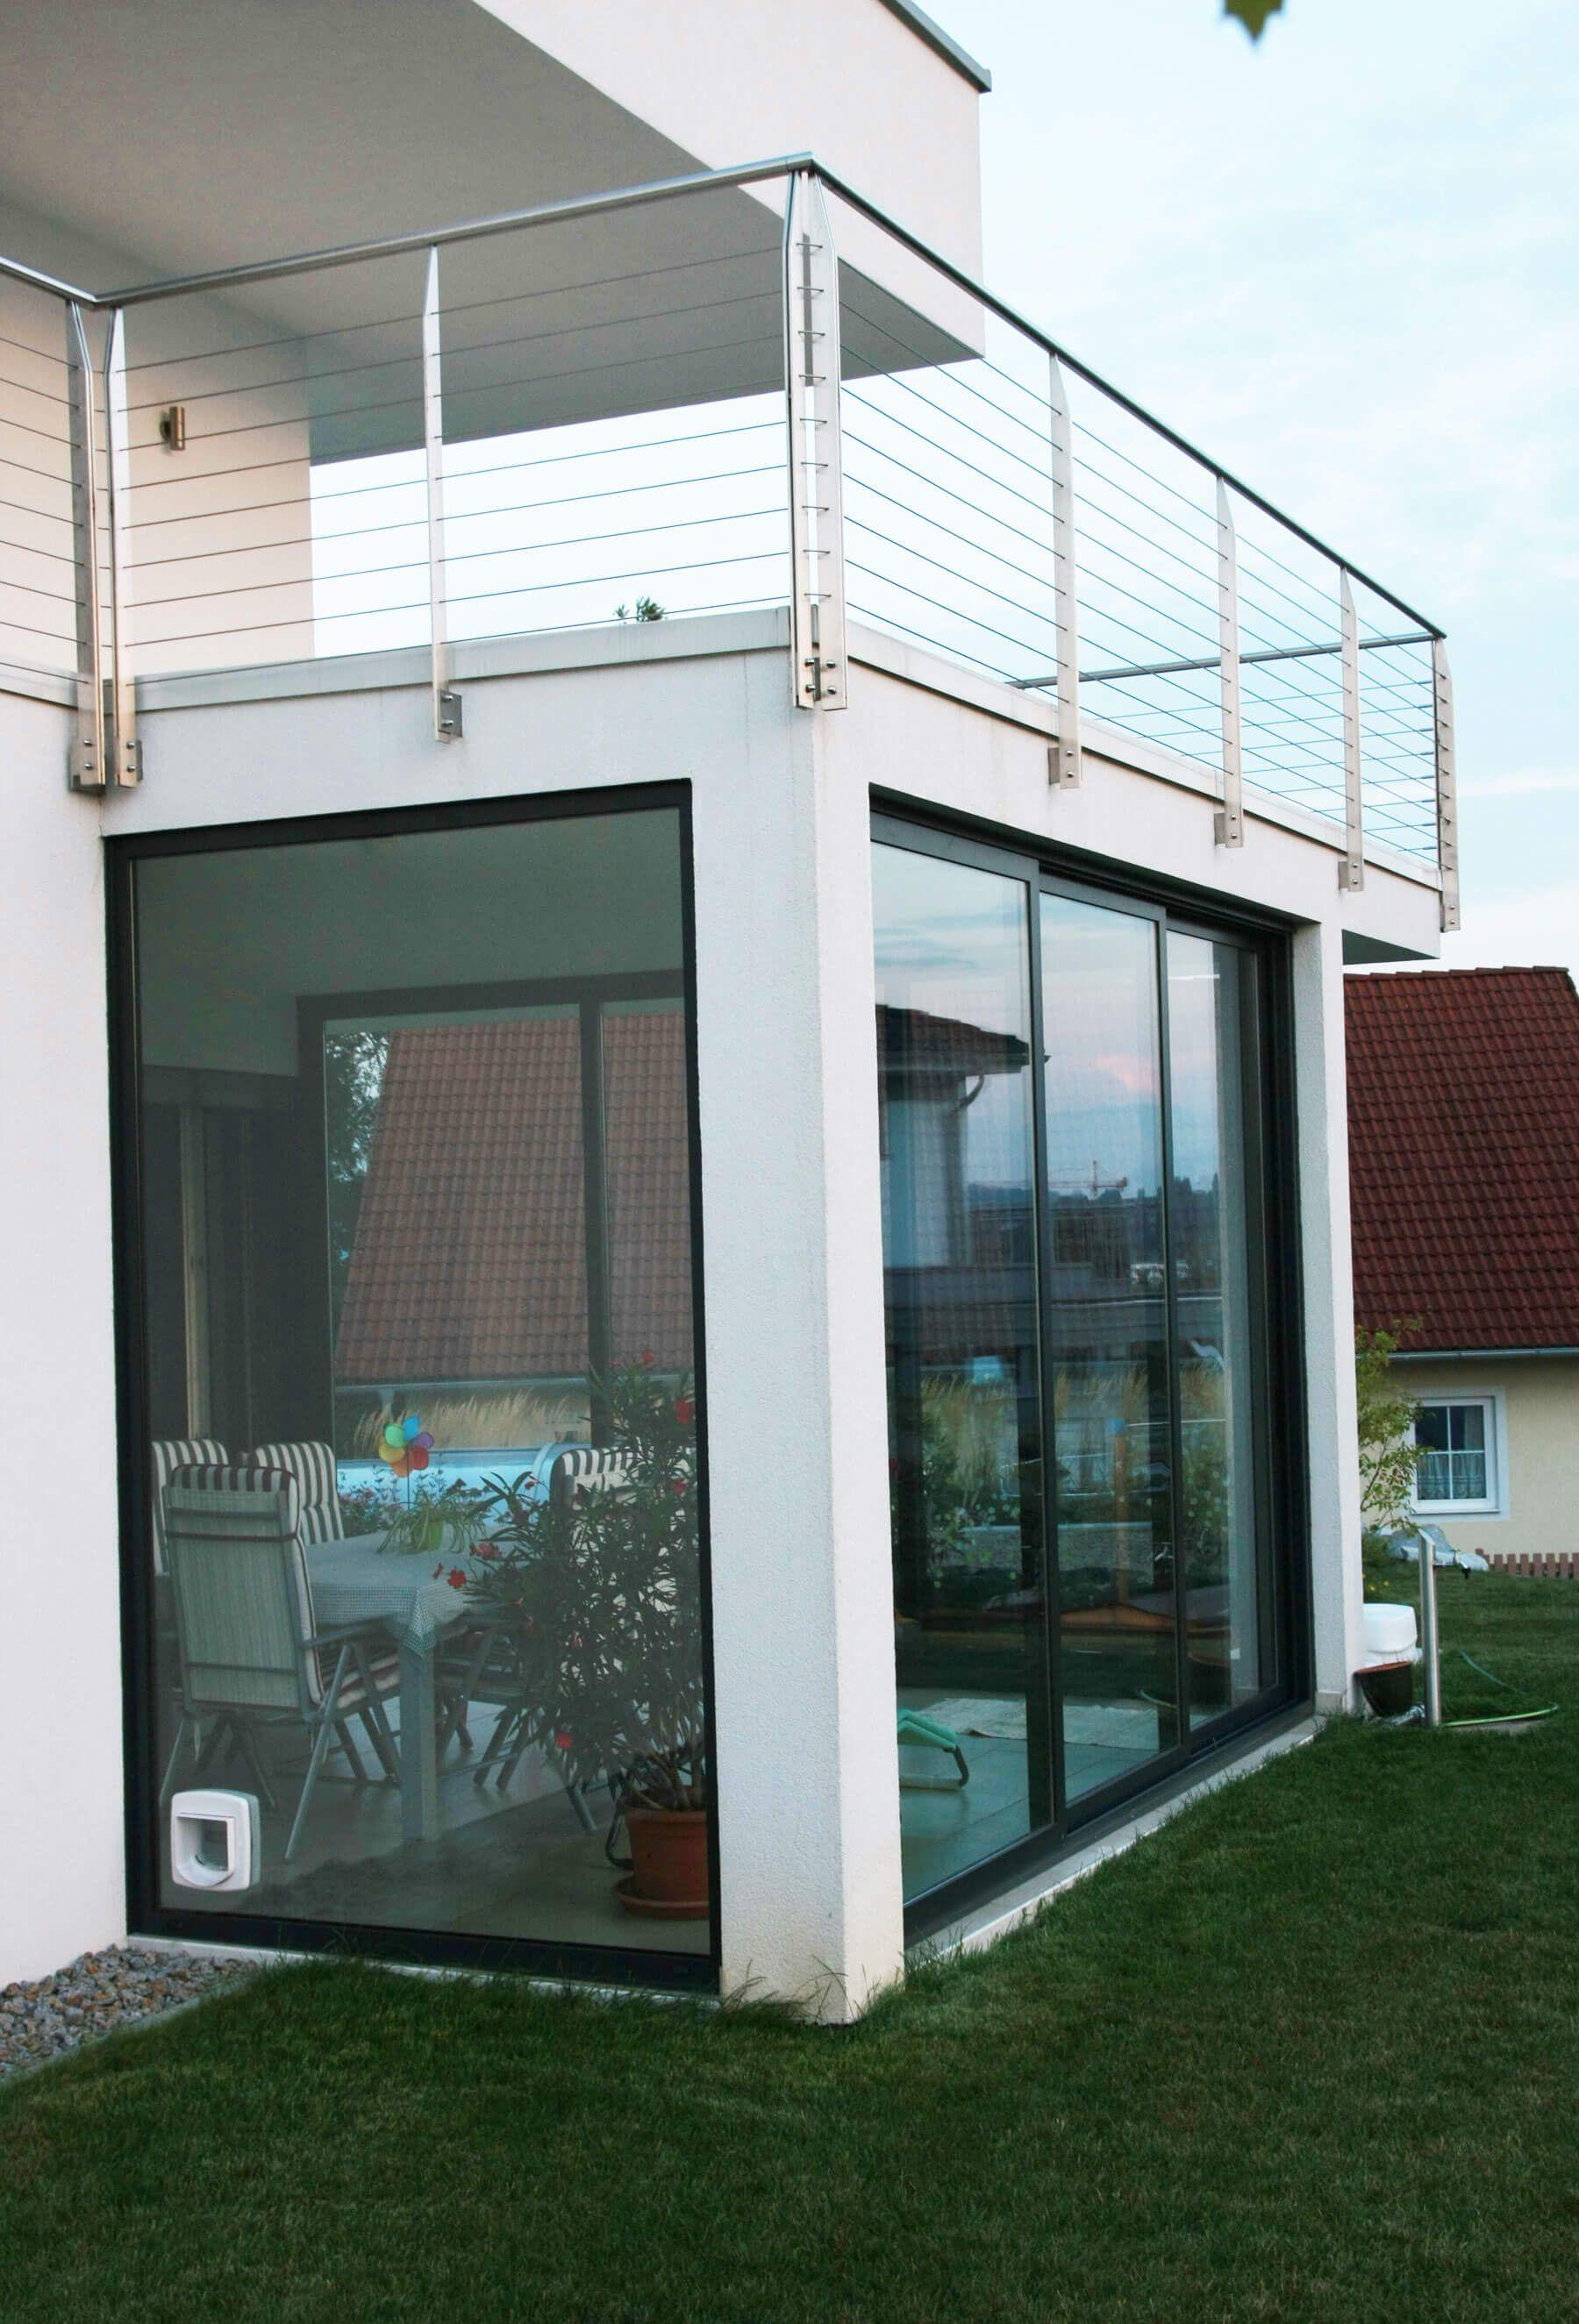 Etwas Neues genug Terrassenverglasung Schiebesystem in 2019   Home sweet home @XR_15